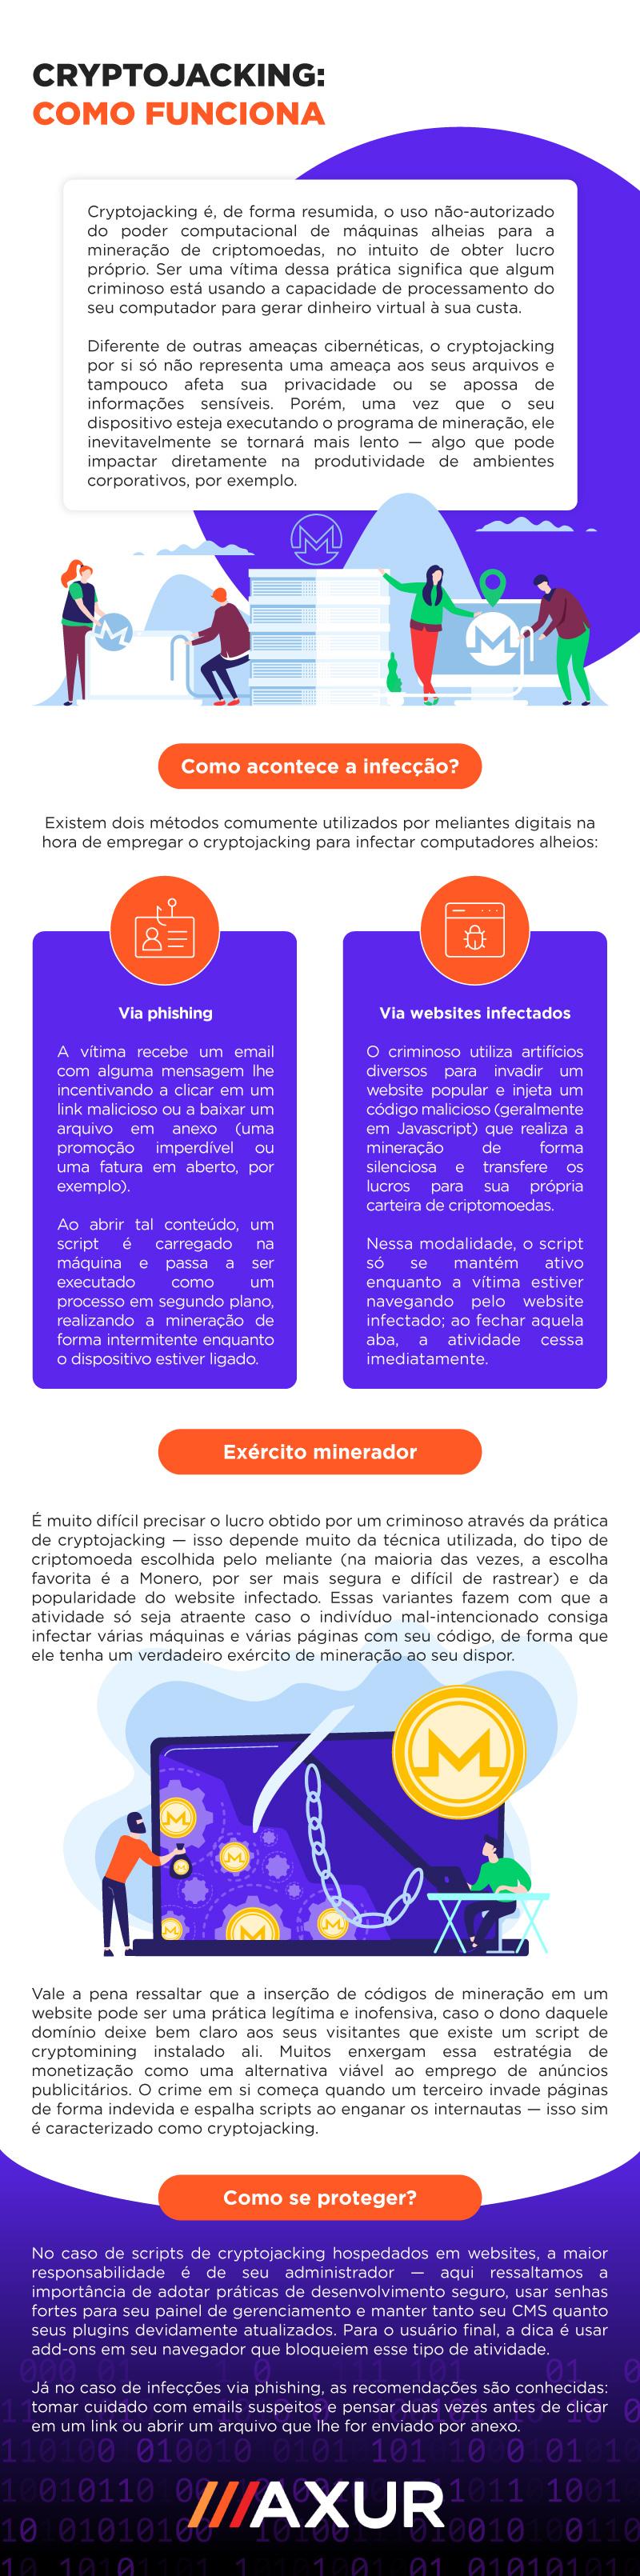 Axur - 10o Infográfico - Ajustado